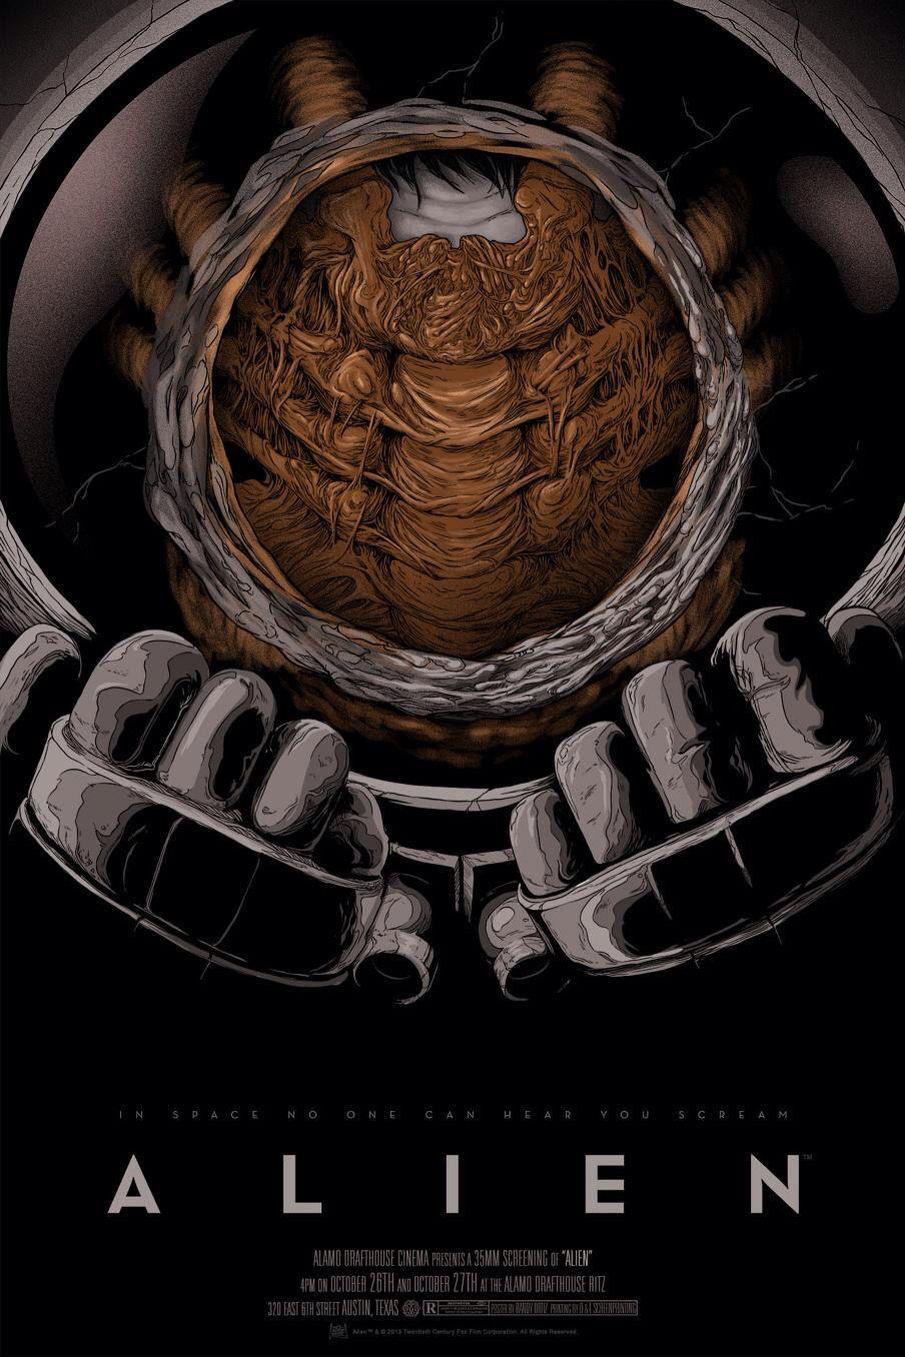 alien movie poster canvas